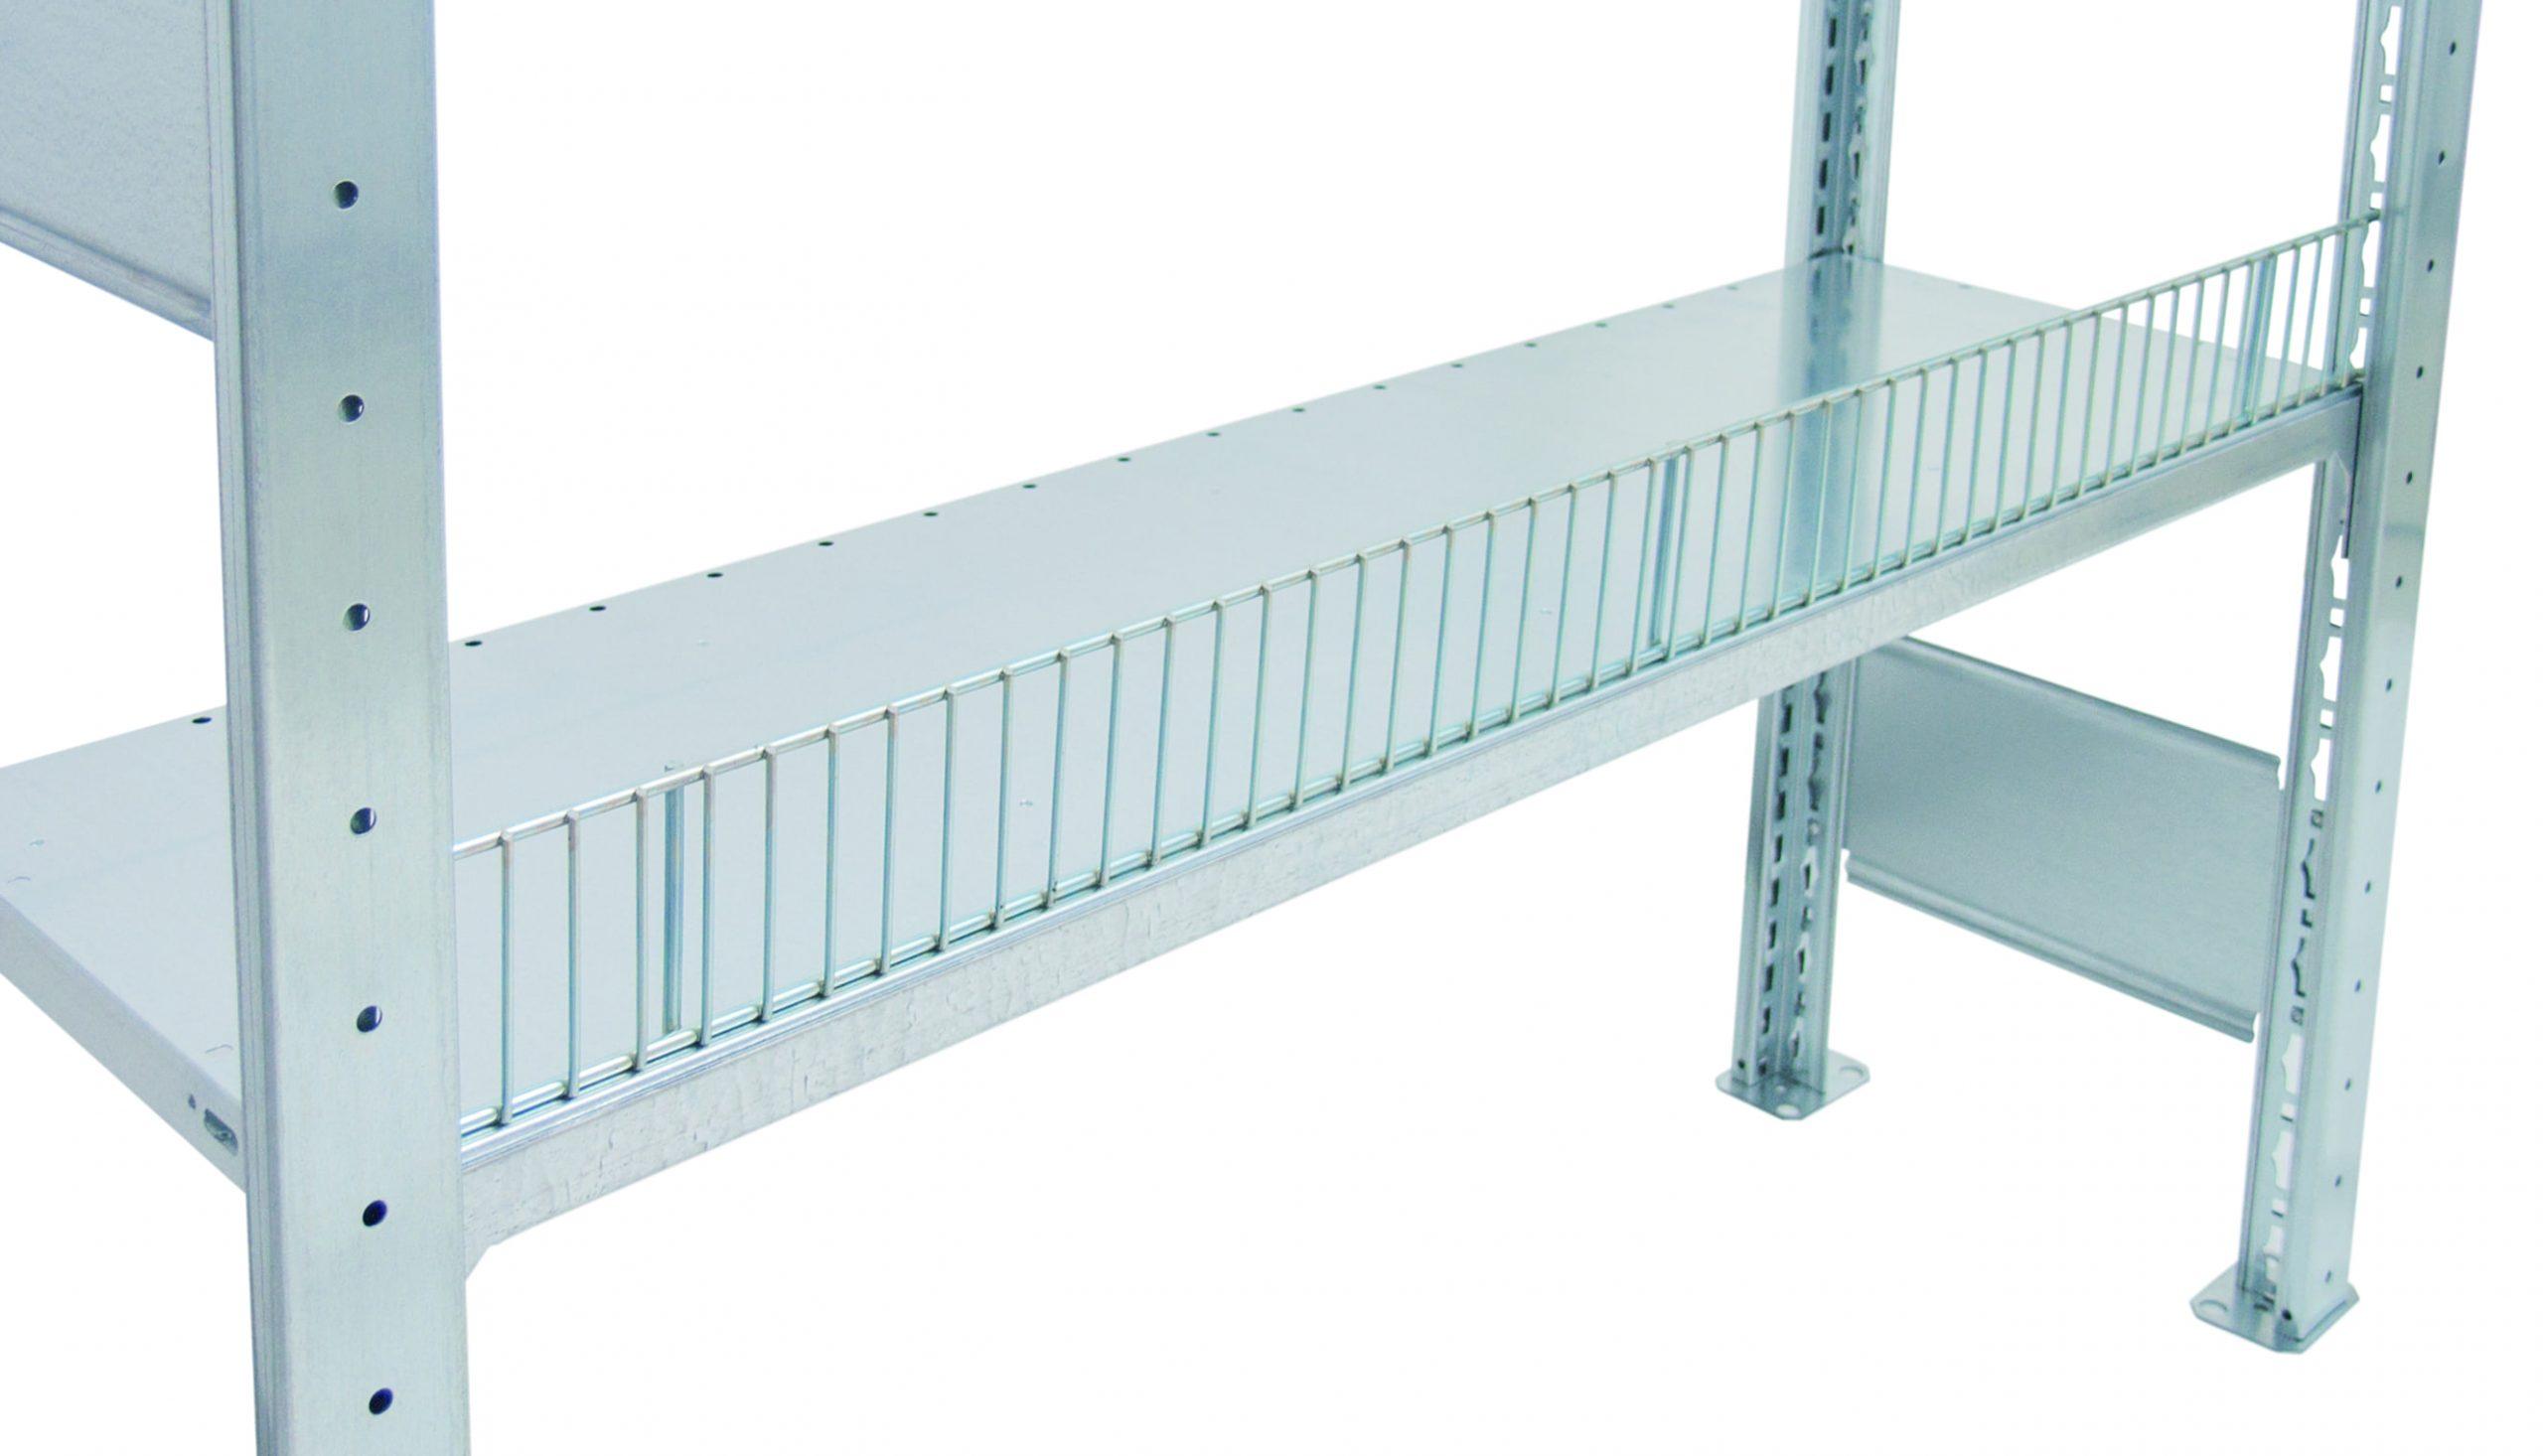 Draht Schüttgutleisten 1000×80 mm – Breite x Höhe, für 25-er Kante